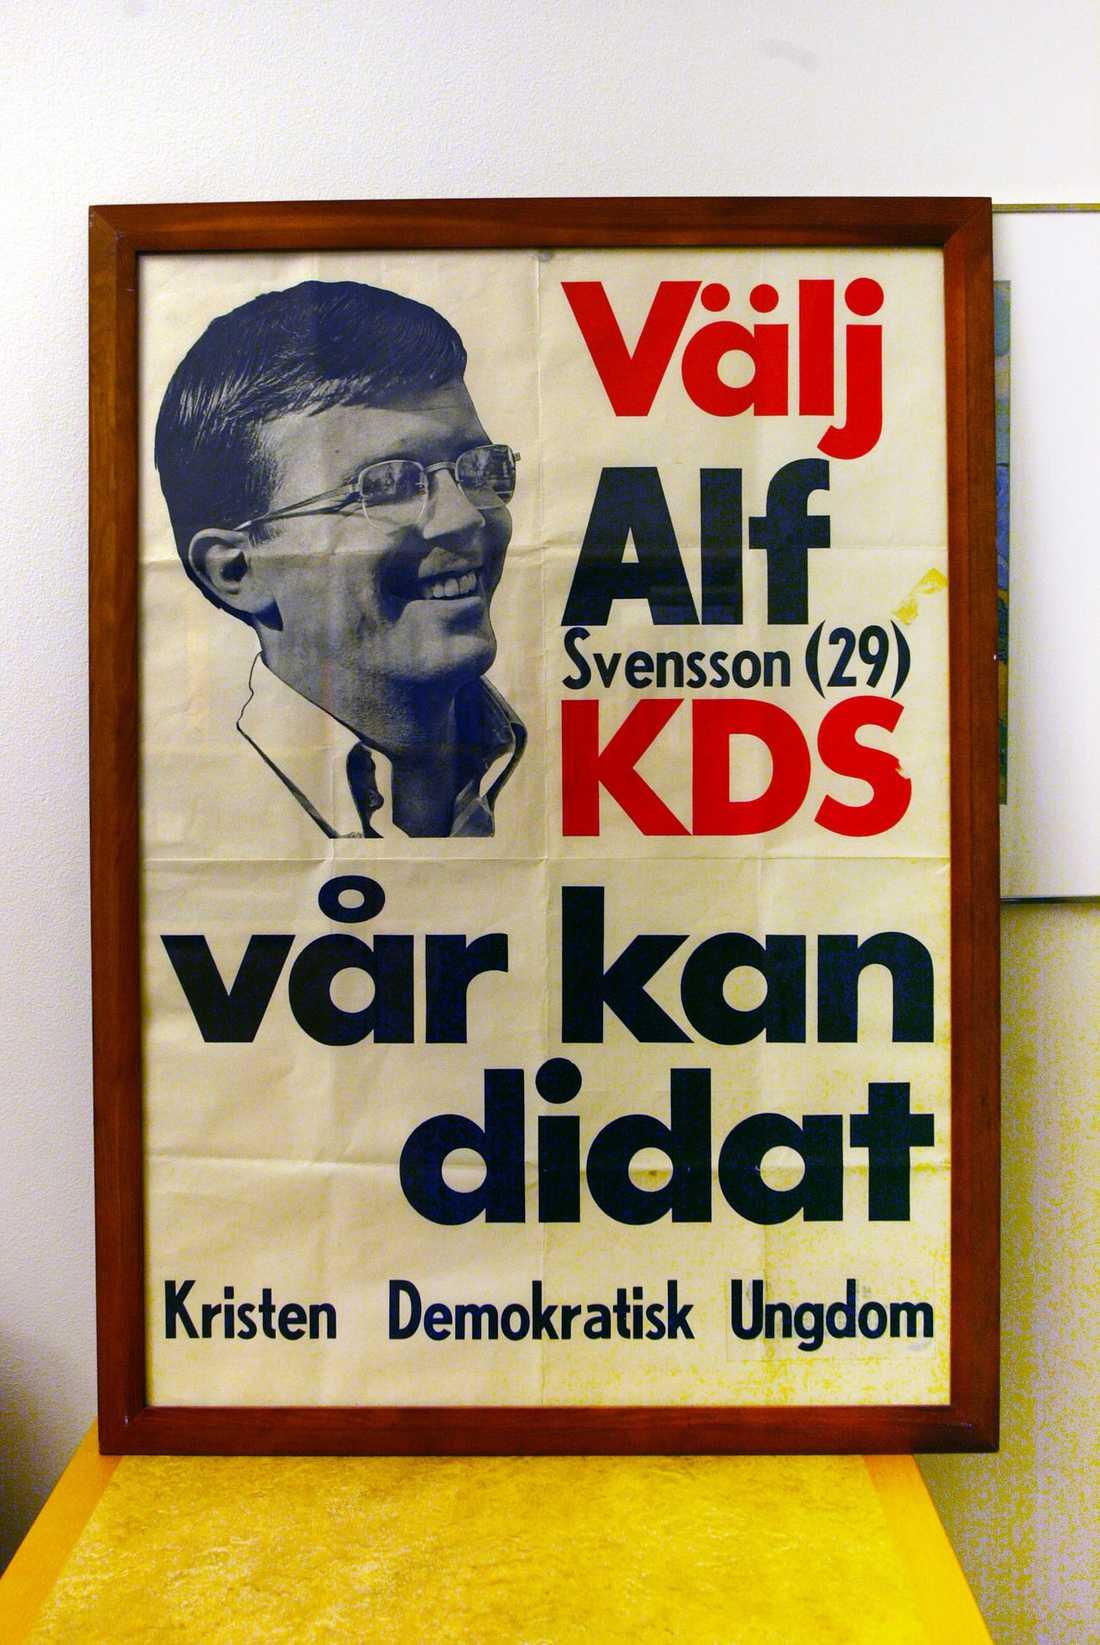 KDS 1968